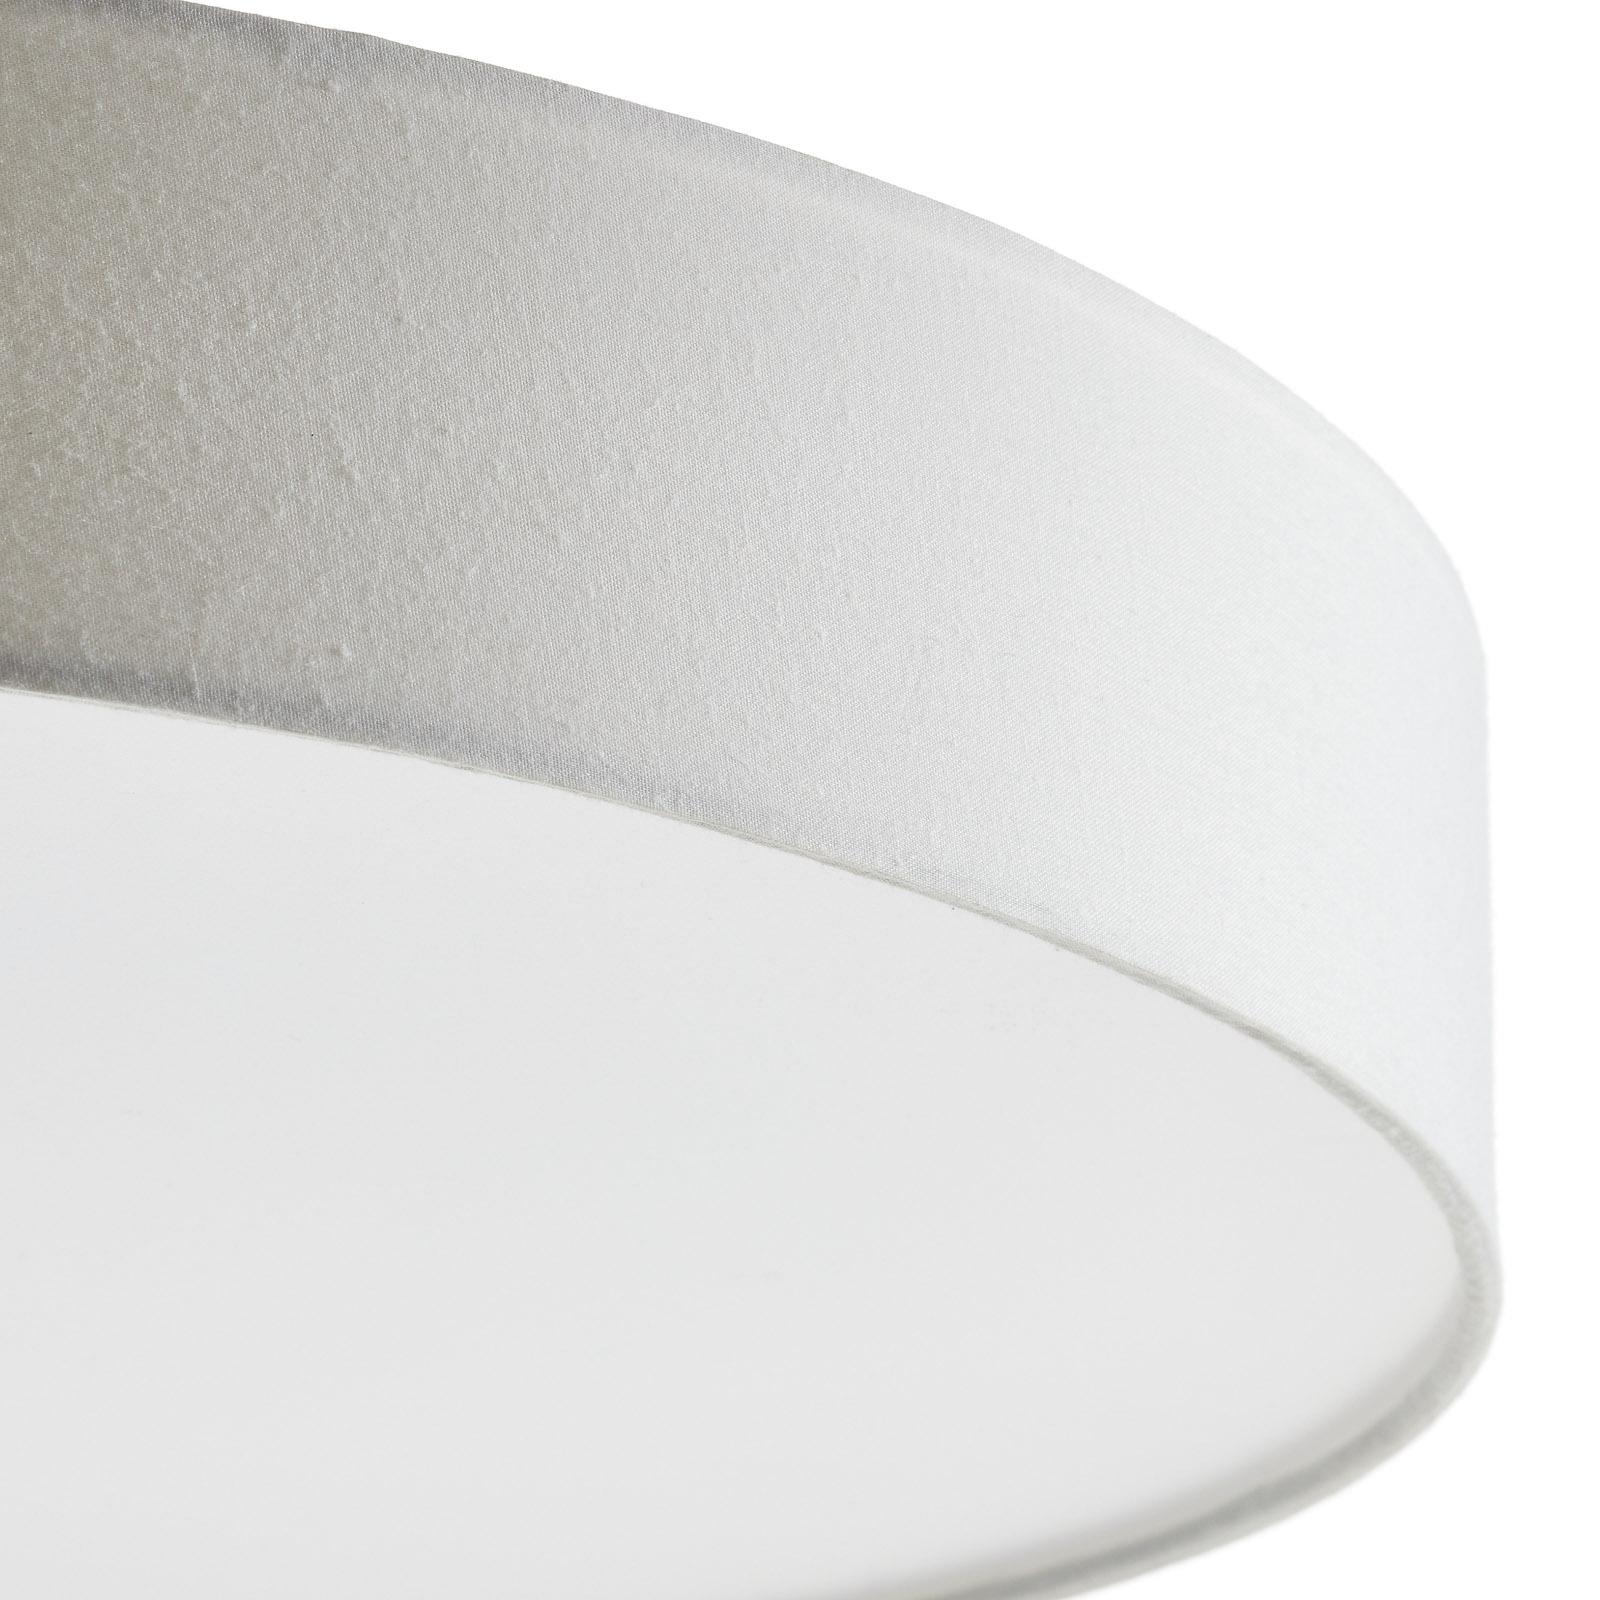 Schöner Wohnen Pina LED Deckenleuchte, weiß